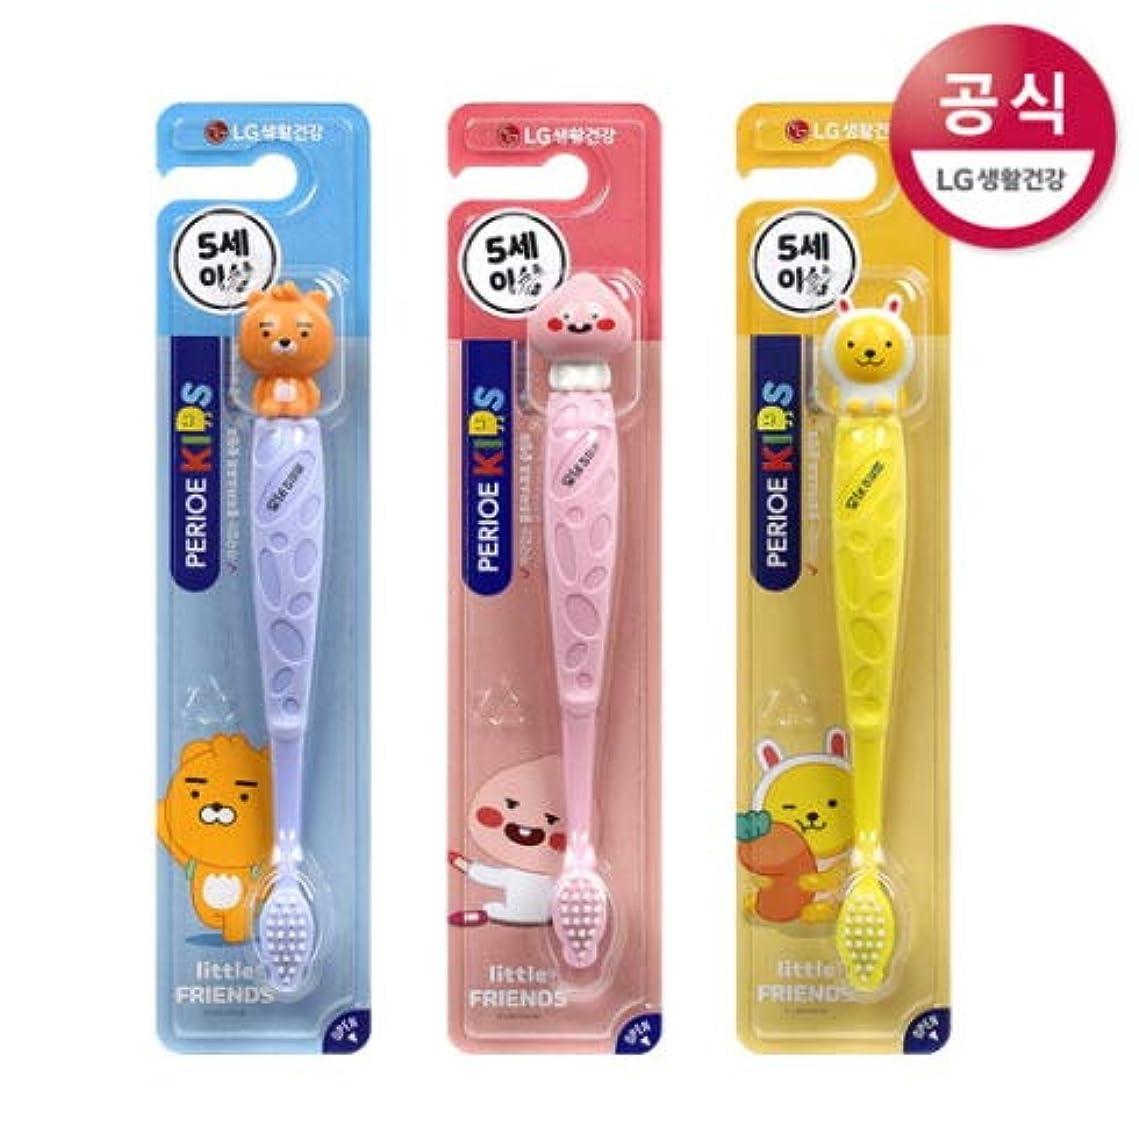 テーブルを設定するバレエ衝動[LG HnB] Pero Kids Cocoa Figure Toothbrush/ペリオ子供カカオフィギュア歯ブラシ 1口x3個(海外直送品)